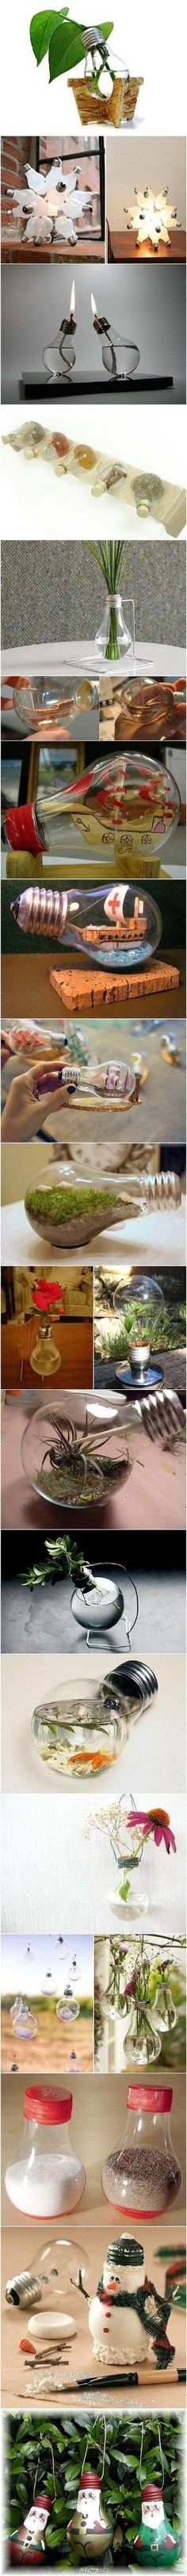 DIY Project: Recycled Light Bulbs by Raelynn8